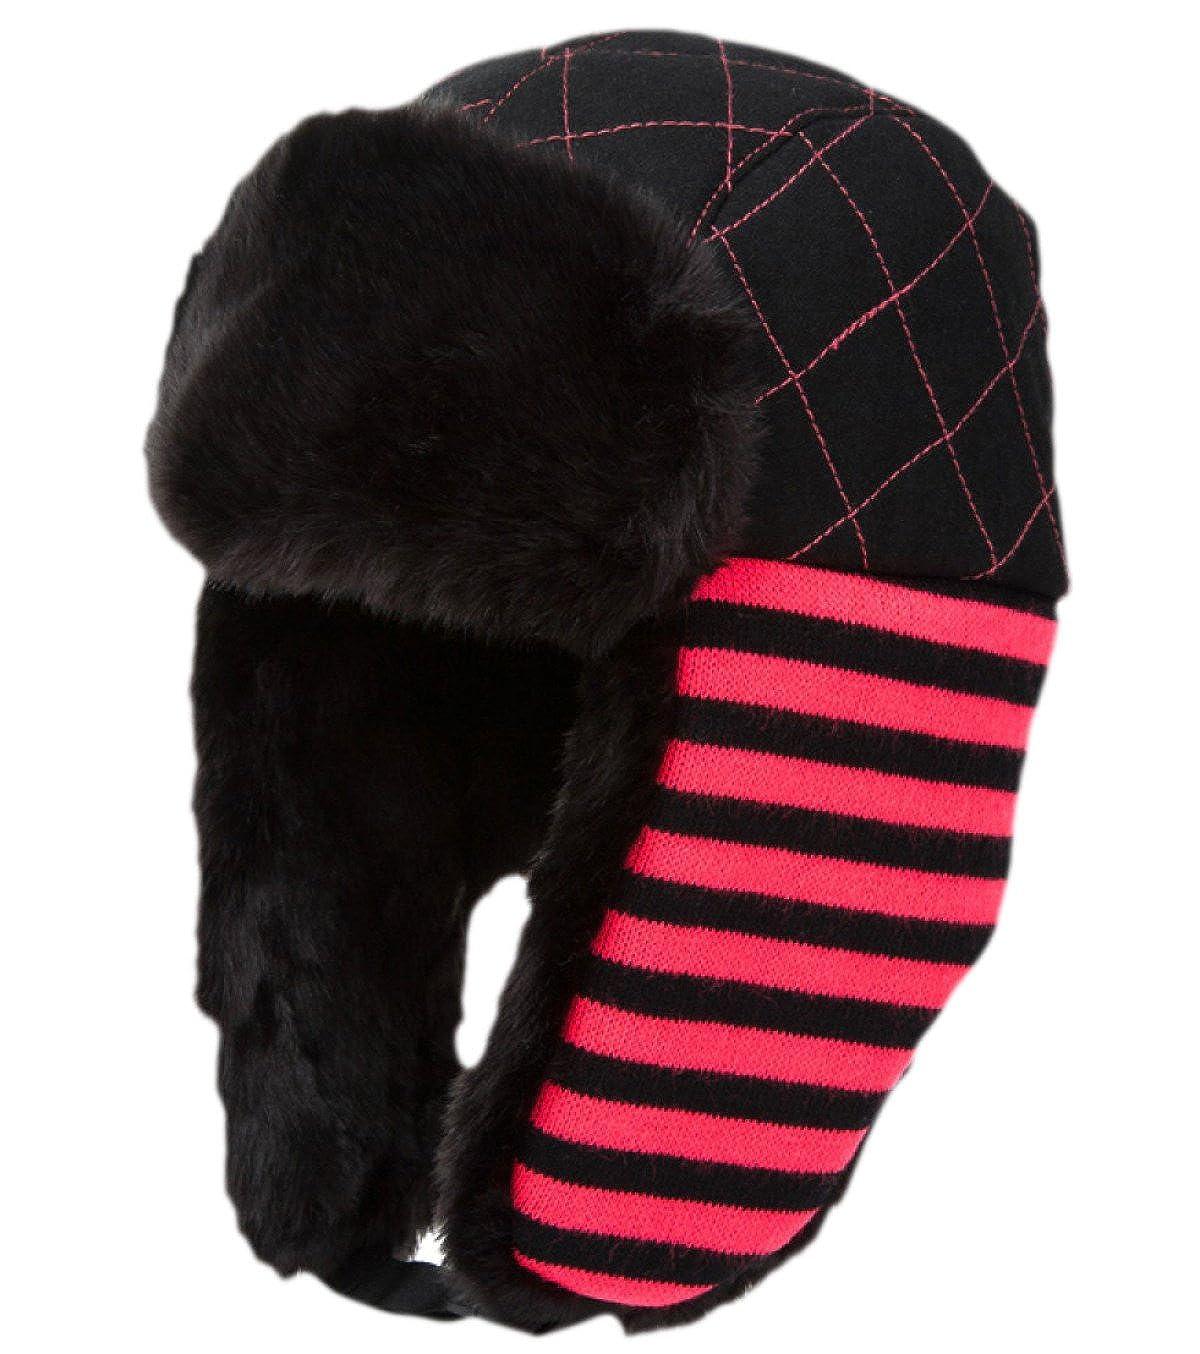 snfgoij Herren Hüte Ski Caps Russische Leder Bomber Hut Winter Fleece Caps Dicker Warm Outdoor